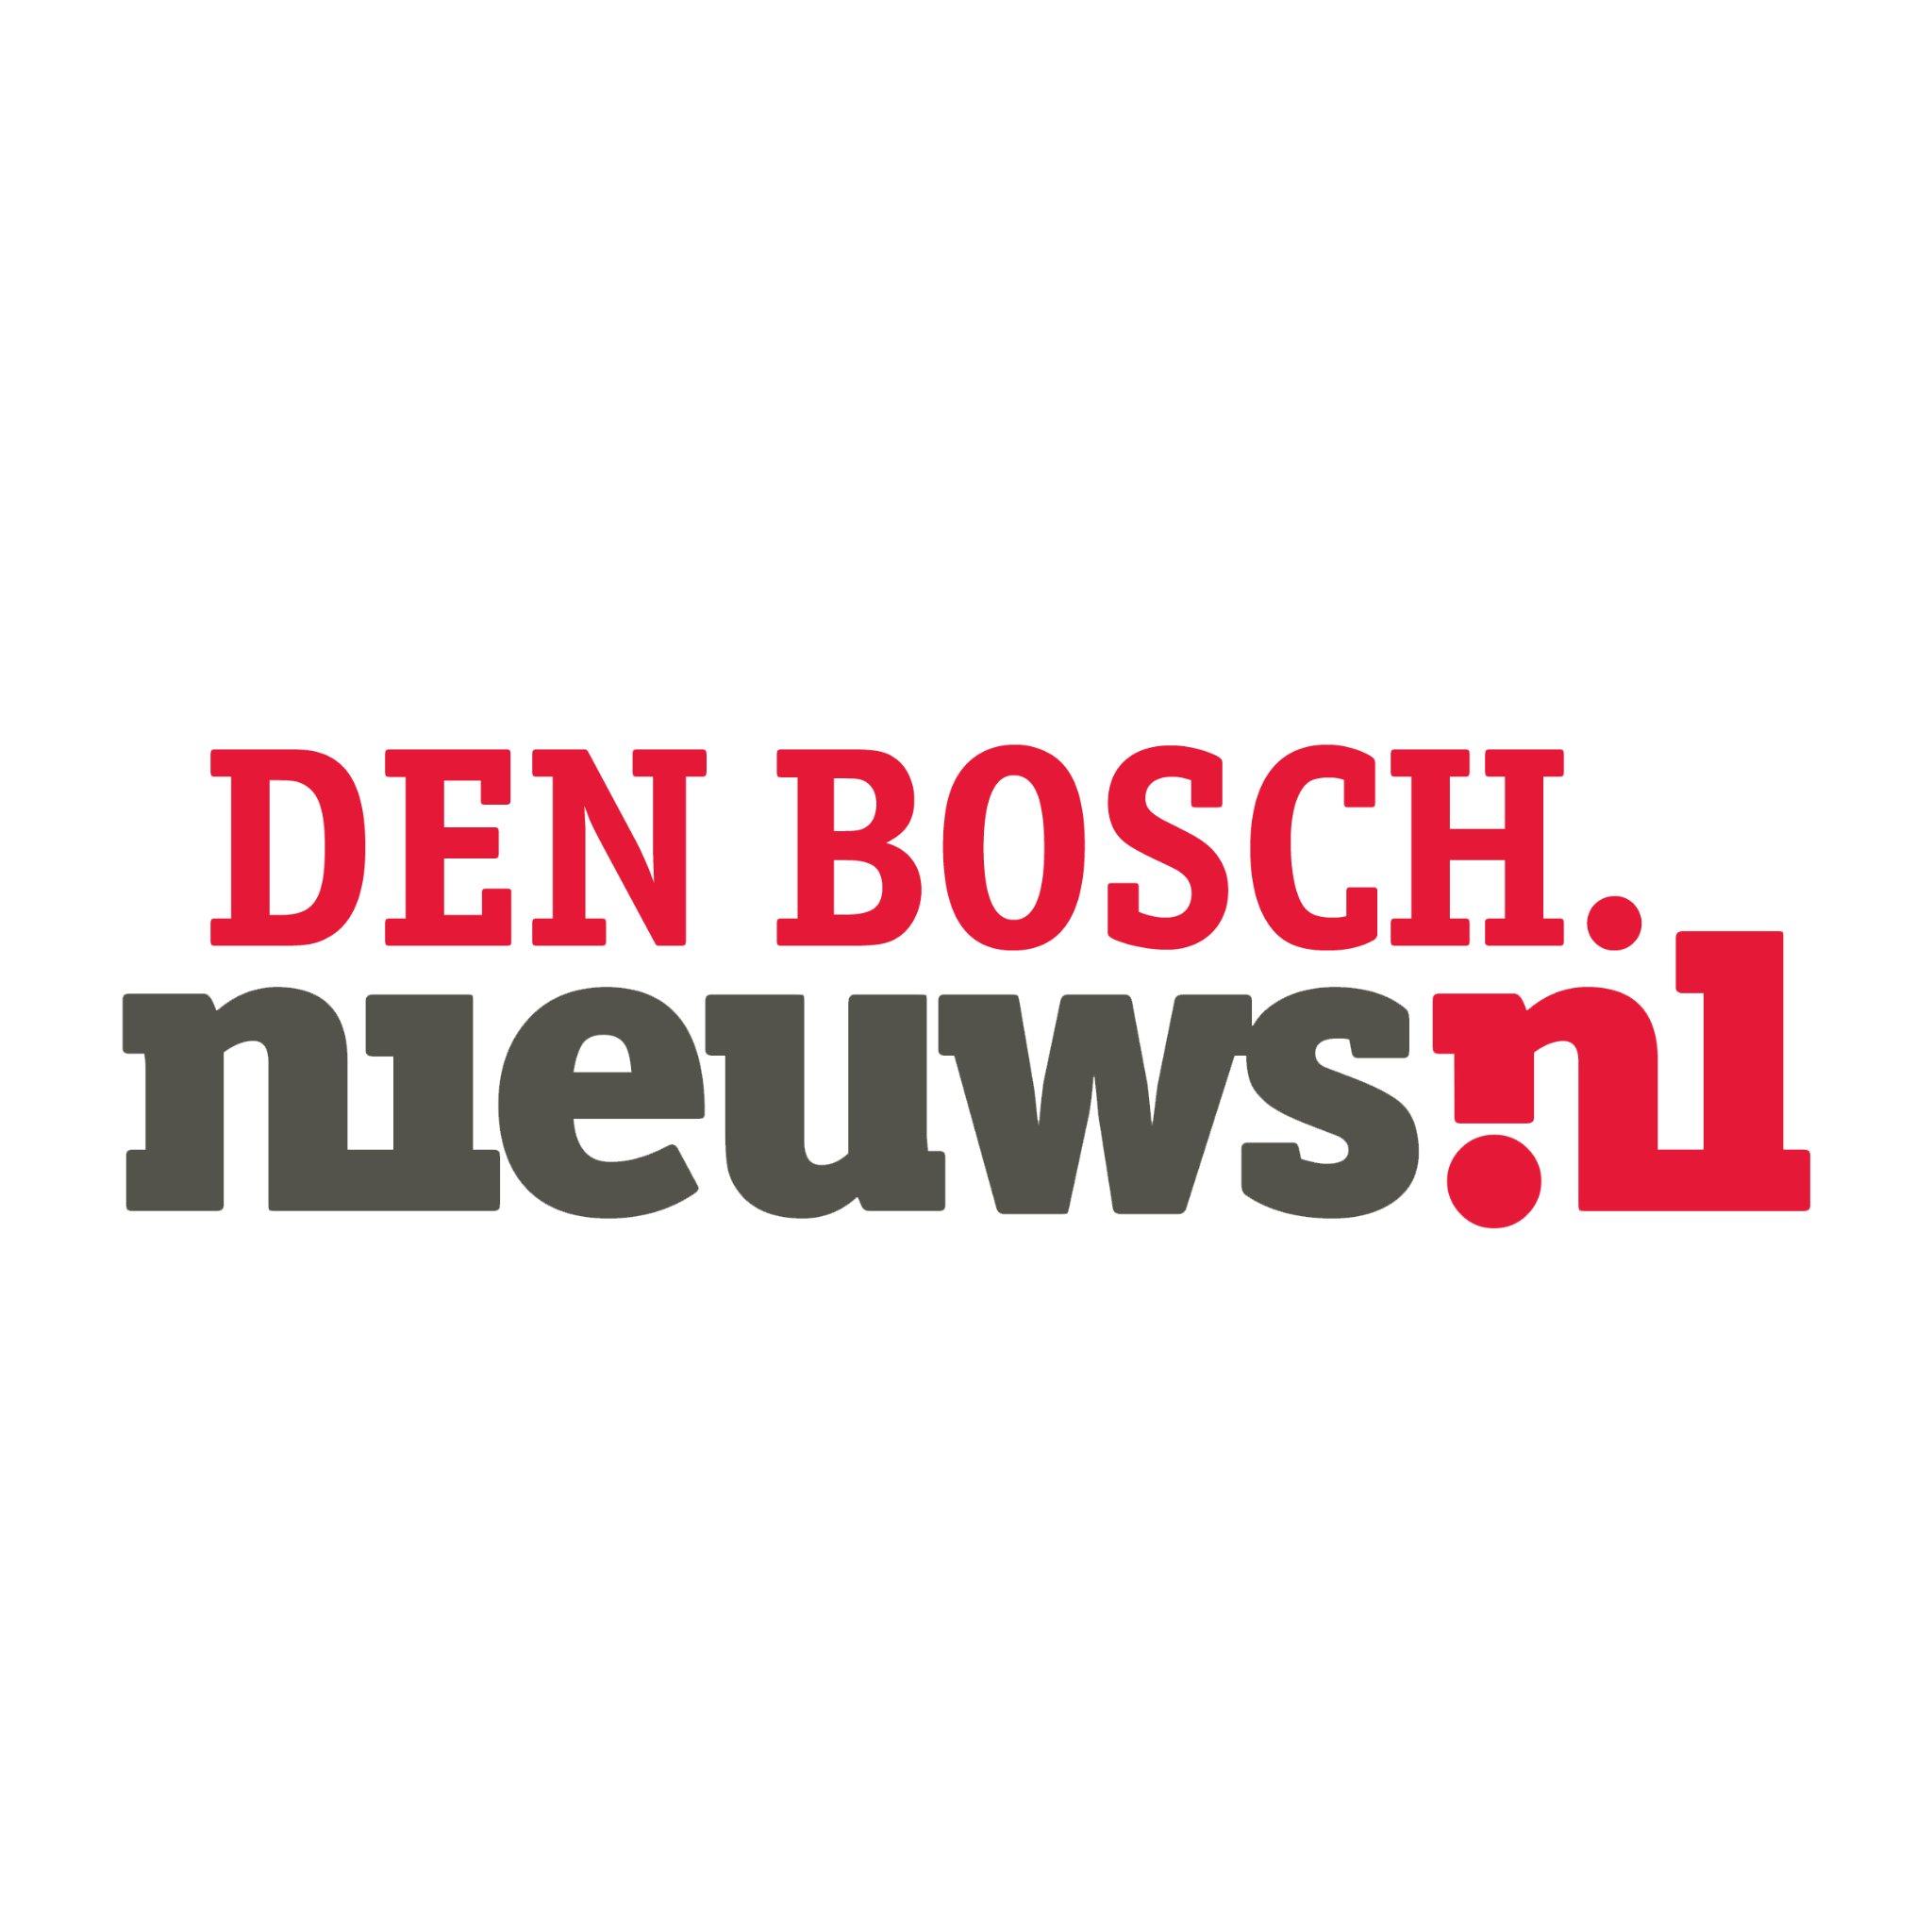 Afbeeldingsresultaat voor logo den bosch nieuws.nl